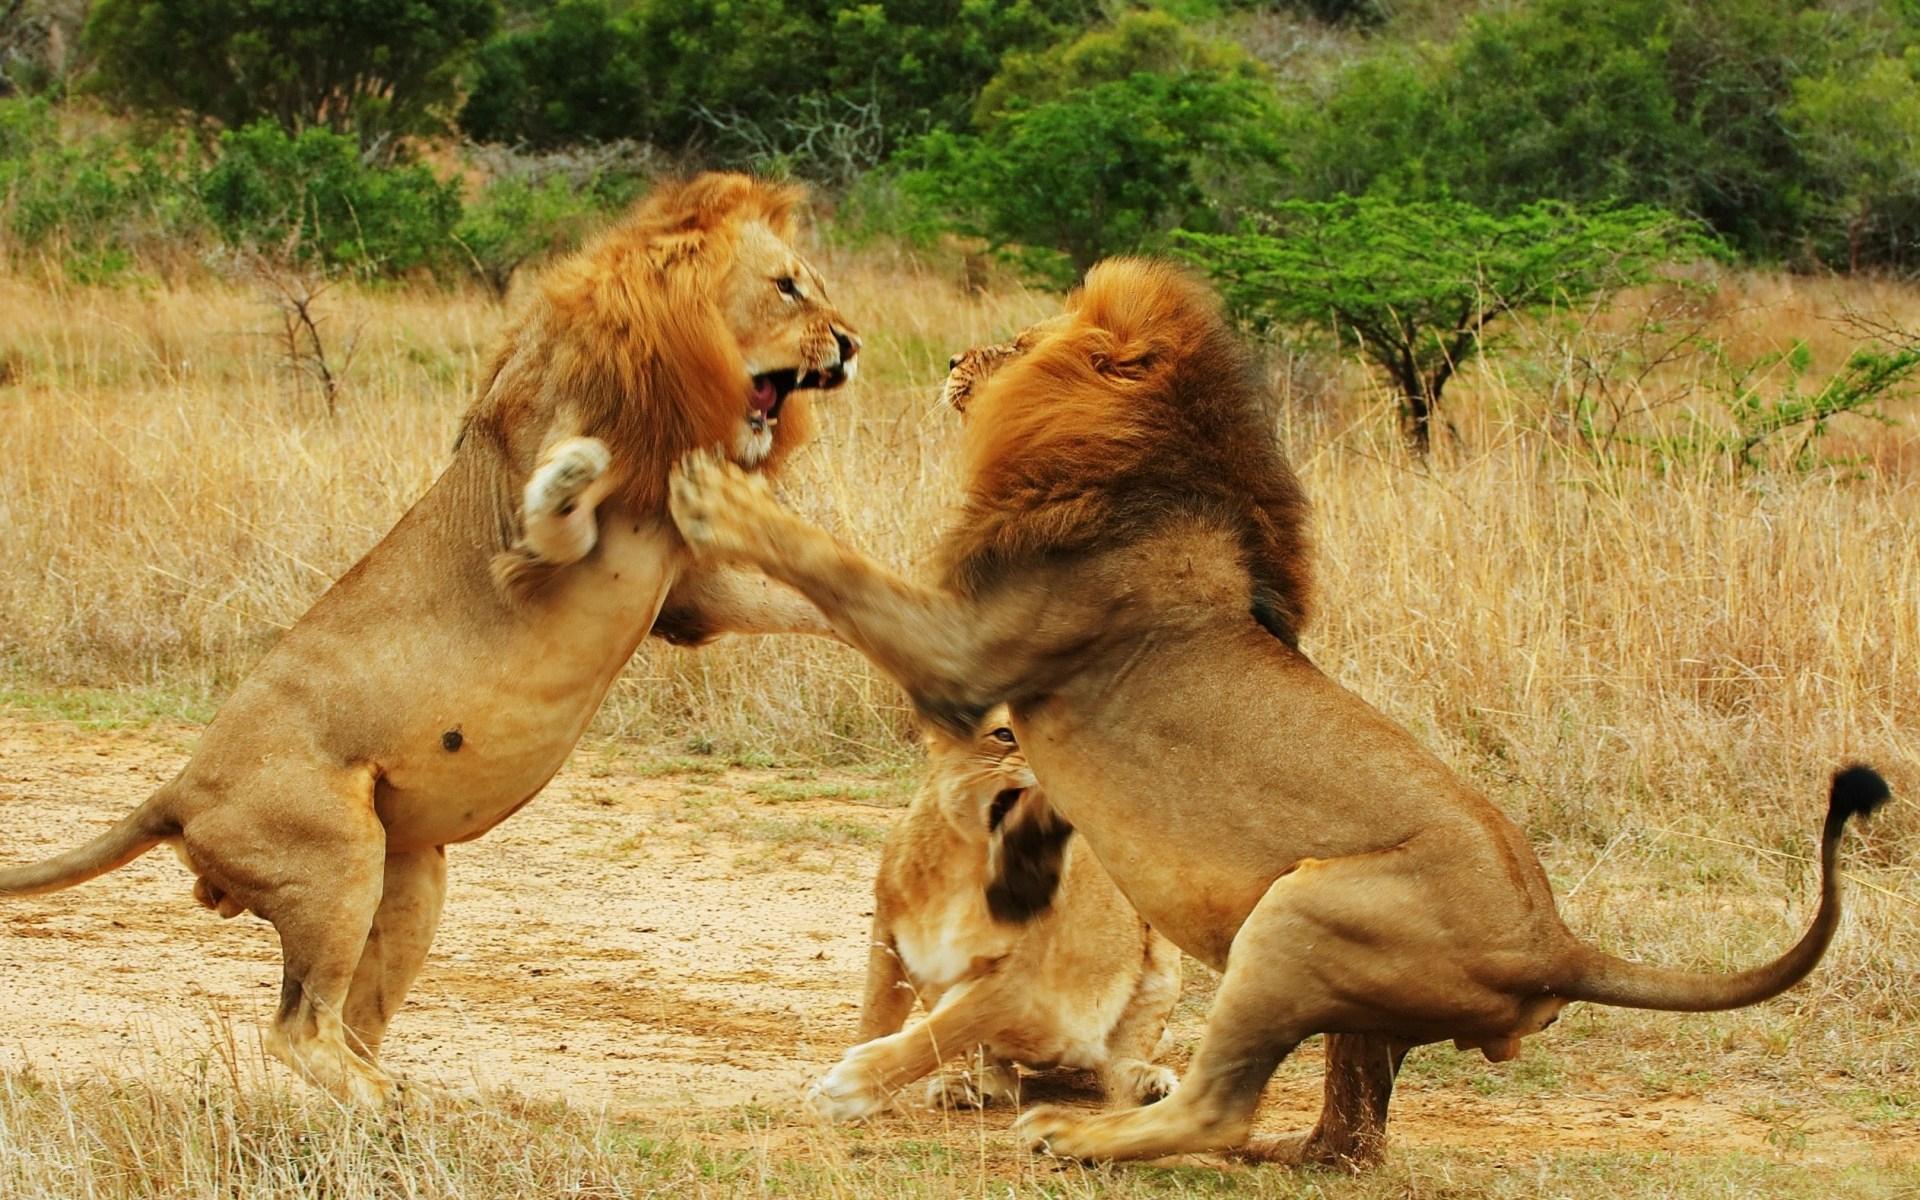 photoshop львы братская любовь картинки фото обои для